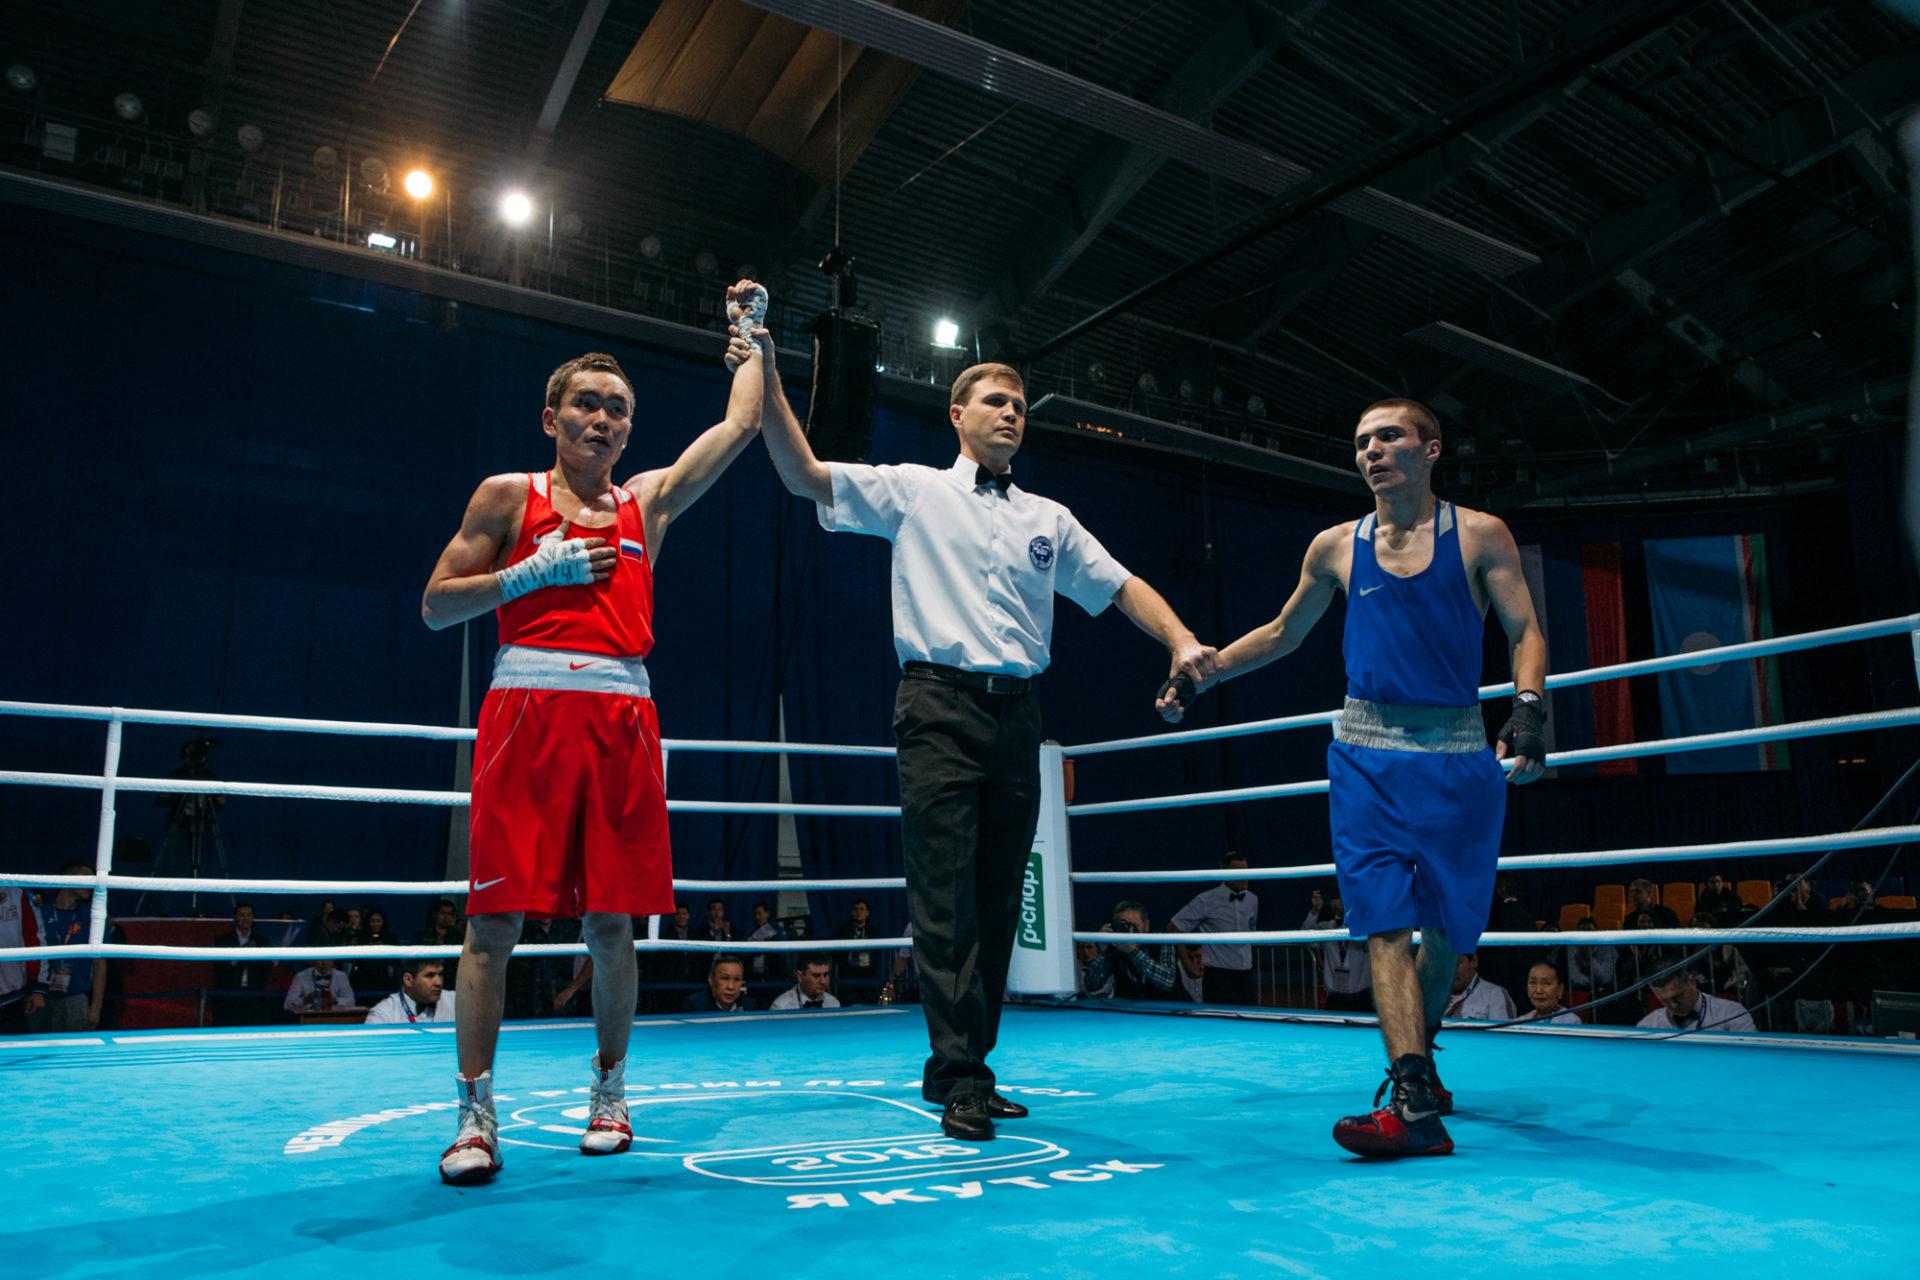 Айсен Николаев открыл чемпионат России по боксу среди мужчин в Якутске